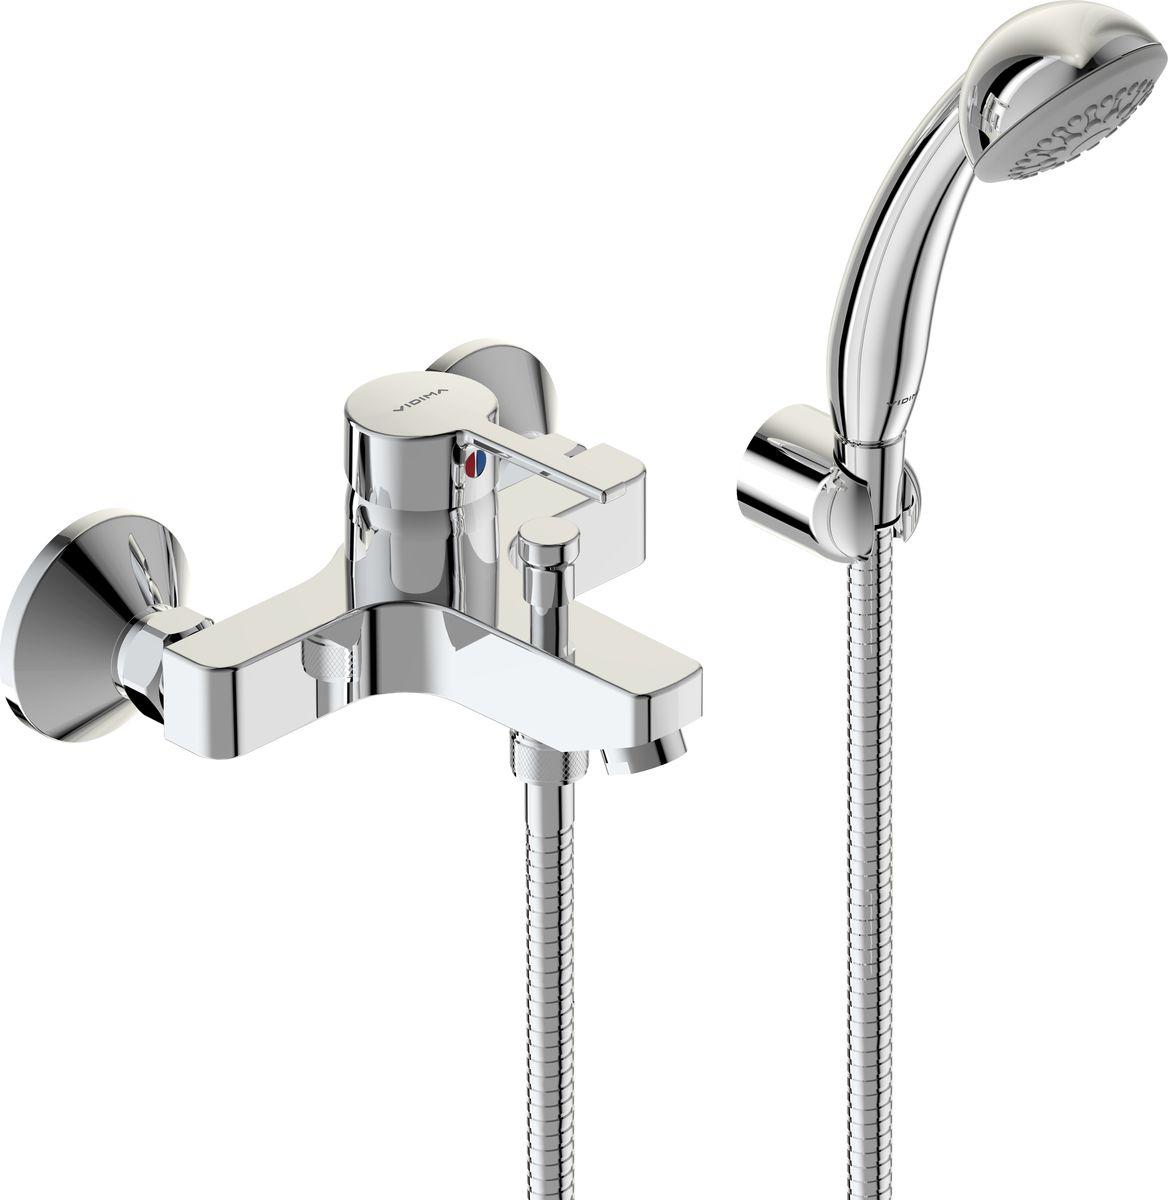 Смеситель для ванны и душа Vidima Логик, излив 152-157 ммBA279AAСмеситель для ванны и душа Vidima Логик имеет корпус и излив из 100% латуни. Изделие устанавливается на стену. Система облегченного монтажа SmartFix обеспечивает комфорт во время установки и надежность эксплуатации. Монтаж производится на стандартных эксцентриках (в комплекте: эксцентрики, металлические отражатели, уплотнительные прокладки). Смеситель снабжен литым изливом и аэратором Perlator. Металлическая рукоятка имеет систему защиты от нагревания Comfort Touch и индикатор холодной/горячей воды. Душевой гарнитур в комплекте (душевая лейка, металлический шланг, держатель для лейки). Переключение ванна/душ ручное. Возможность использовать функцию душ даже при очень низком давлении воды. Технические характеристики: Высота излива: 152-157 мм. Расстояние от стены до аэратора: 157 мм. Керамический картридж: 35 мм. Диаметр душевой лейки: 70 мм. Длина шланга: 150 см.